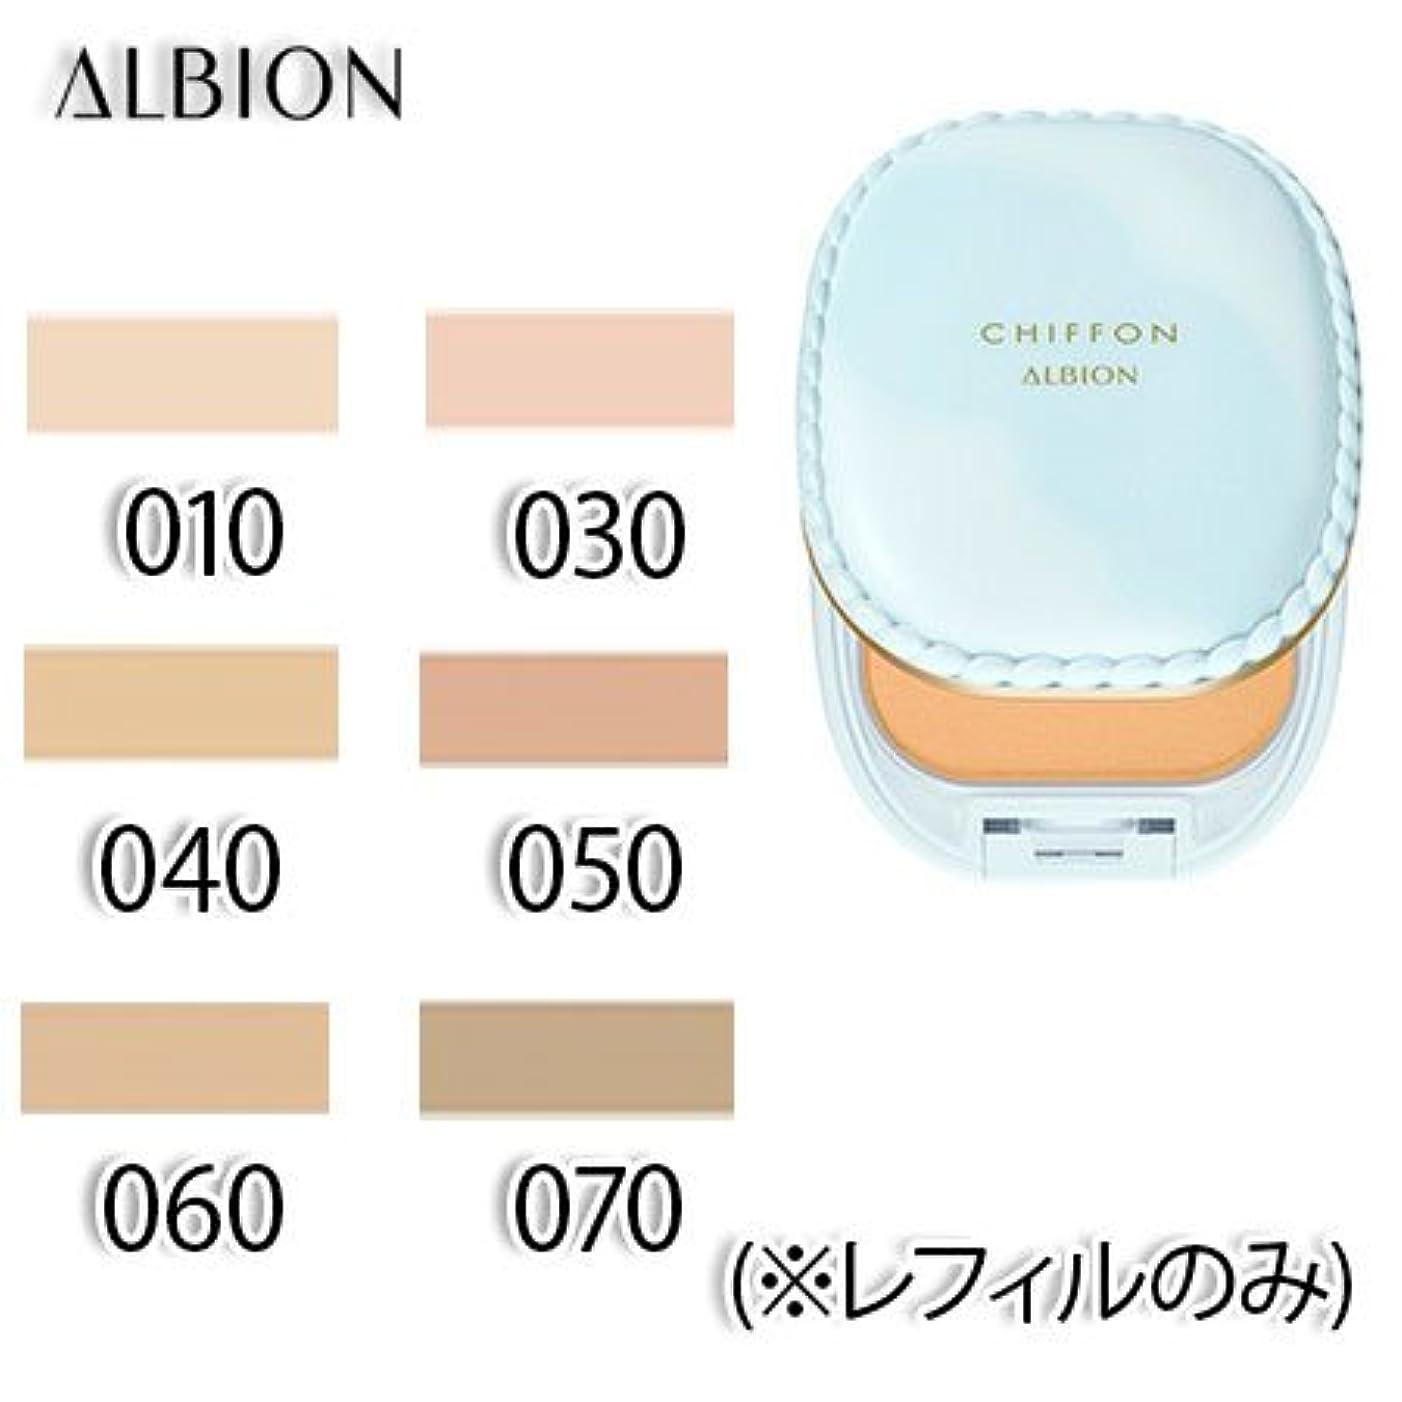 アミューズベッドくつろぎアルビオン スノー ホワイト シフォン 全6色 SPF25?PA++ 10g (レフィルのみ) -ALBION- 030